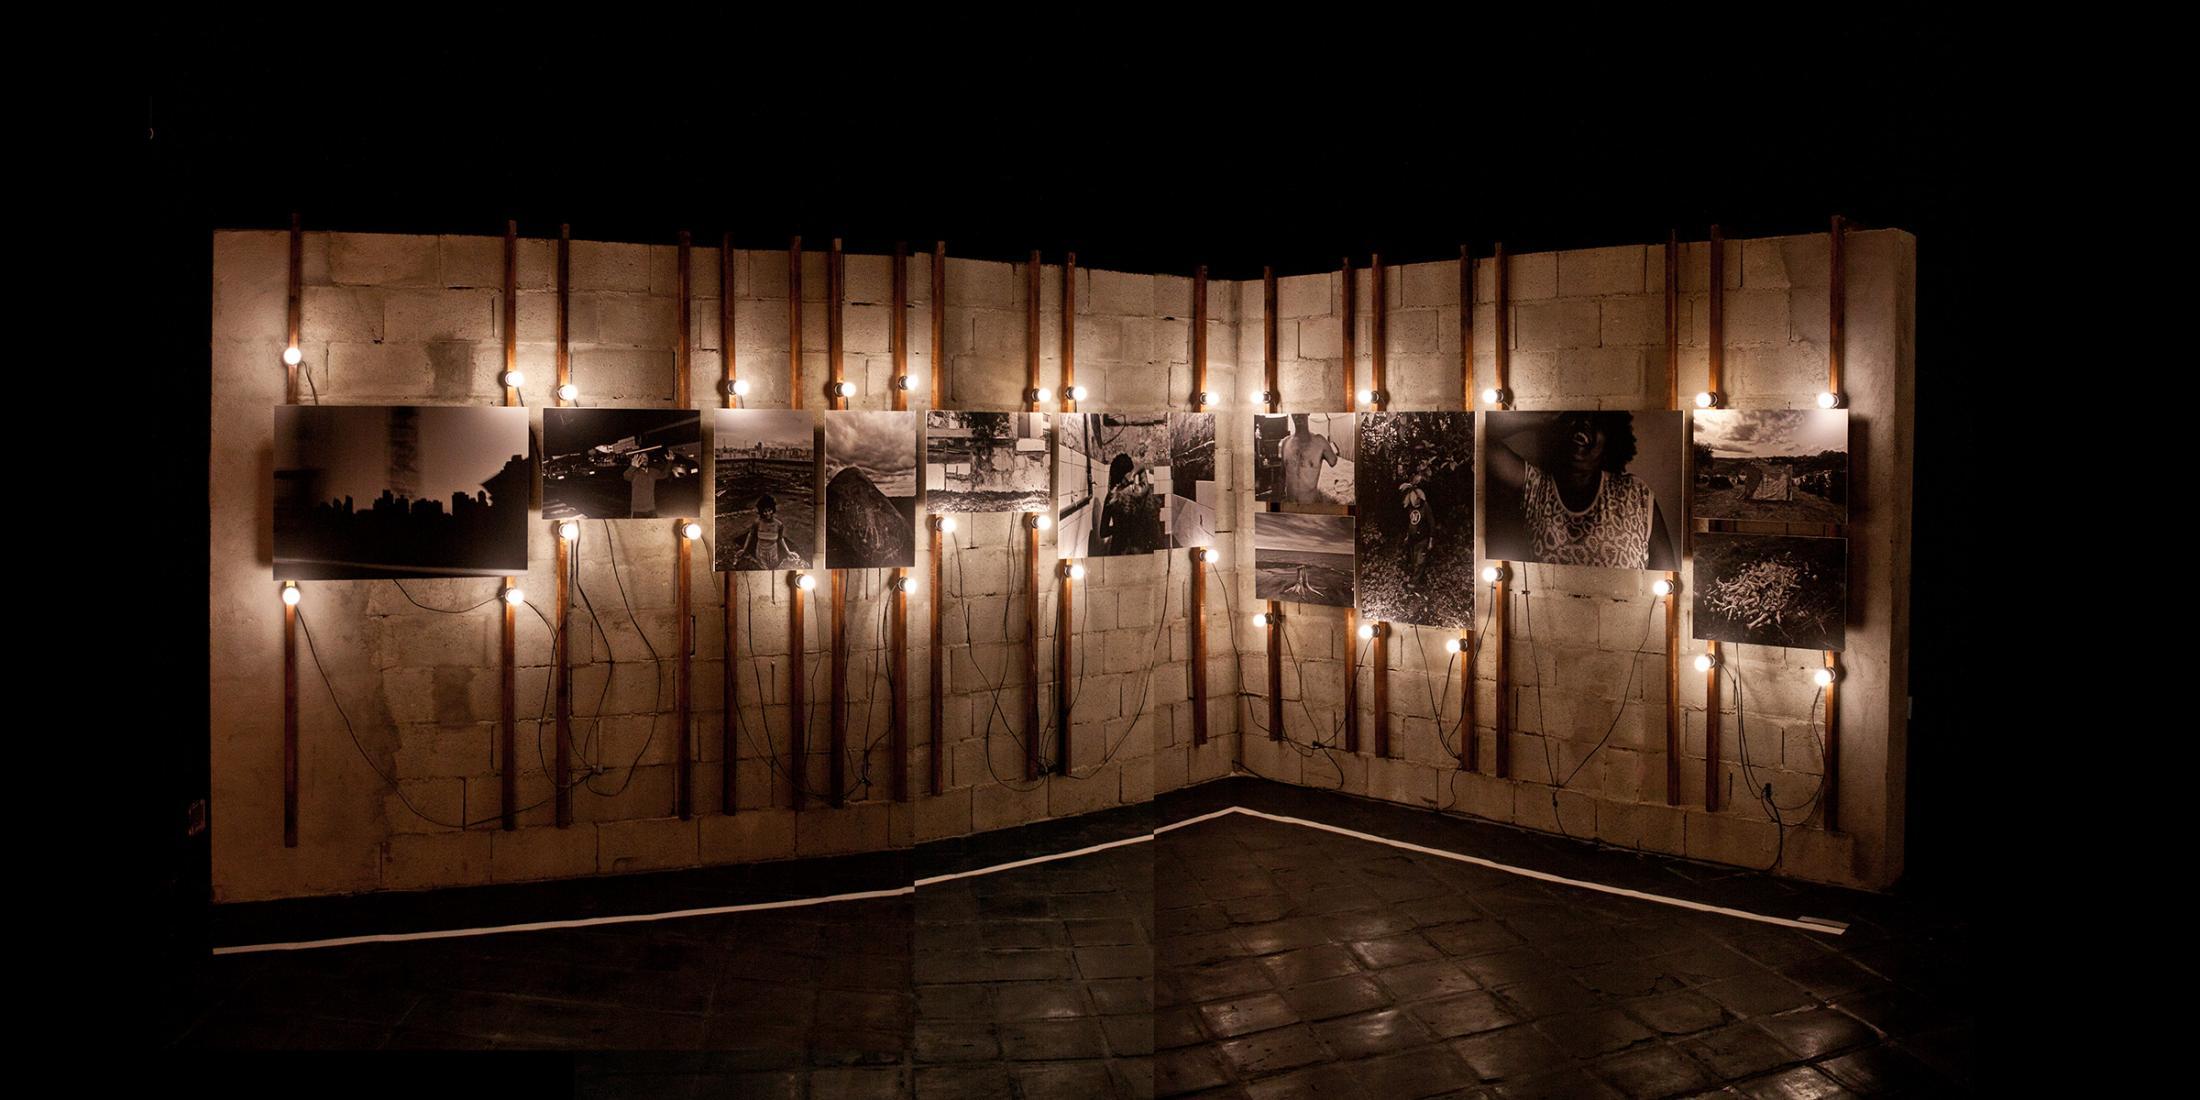 Exposição coletiva XI Prêmio Diário Contemporâneo de Fotografia no Museu do Estado do Pará (Belém, 2020) / Collective exhibition XI Diário Contemporâneo Prize at Museum of State of Pará, Belém 2020